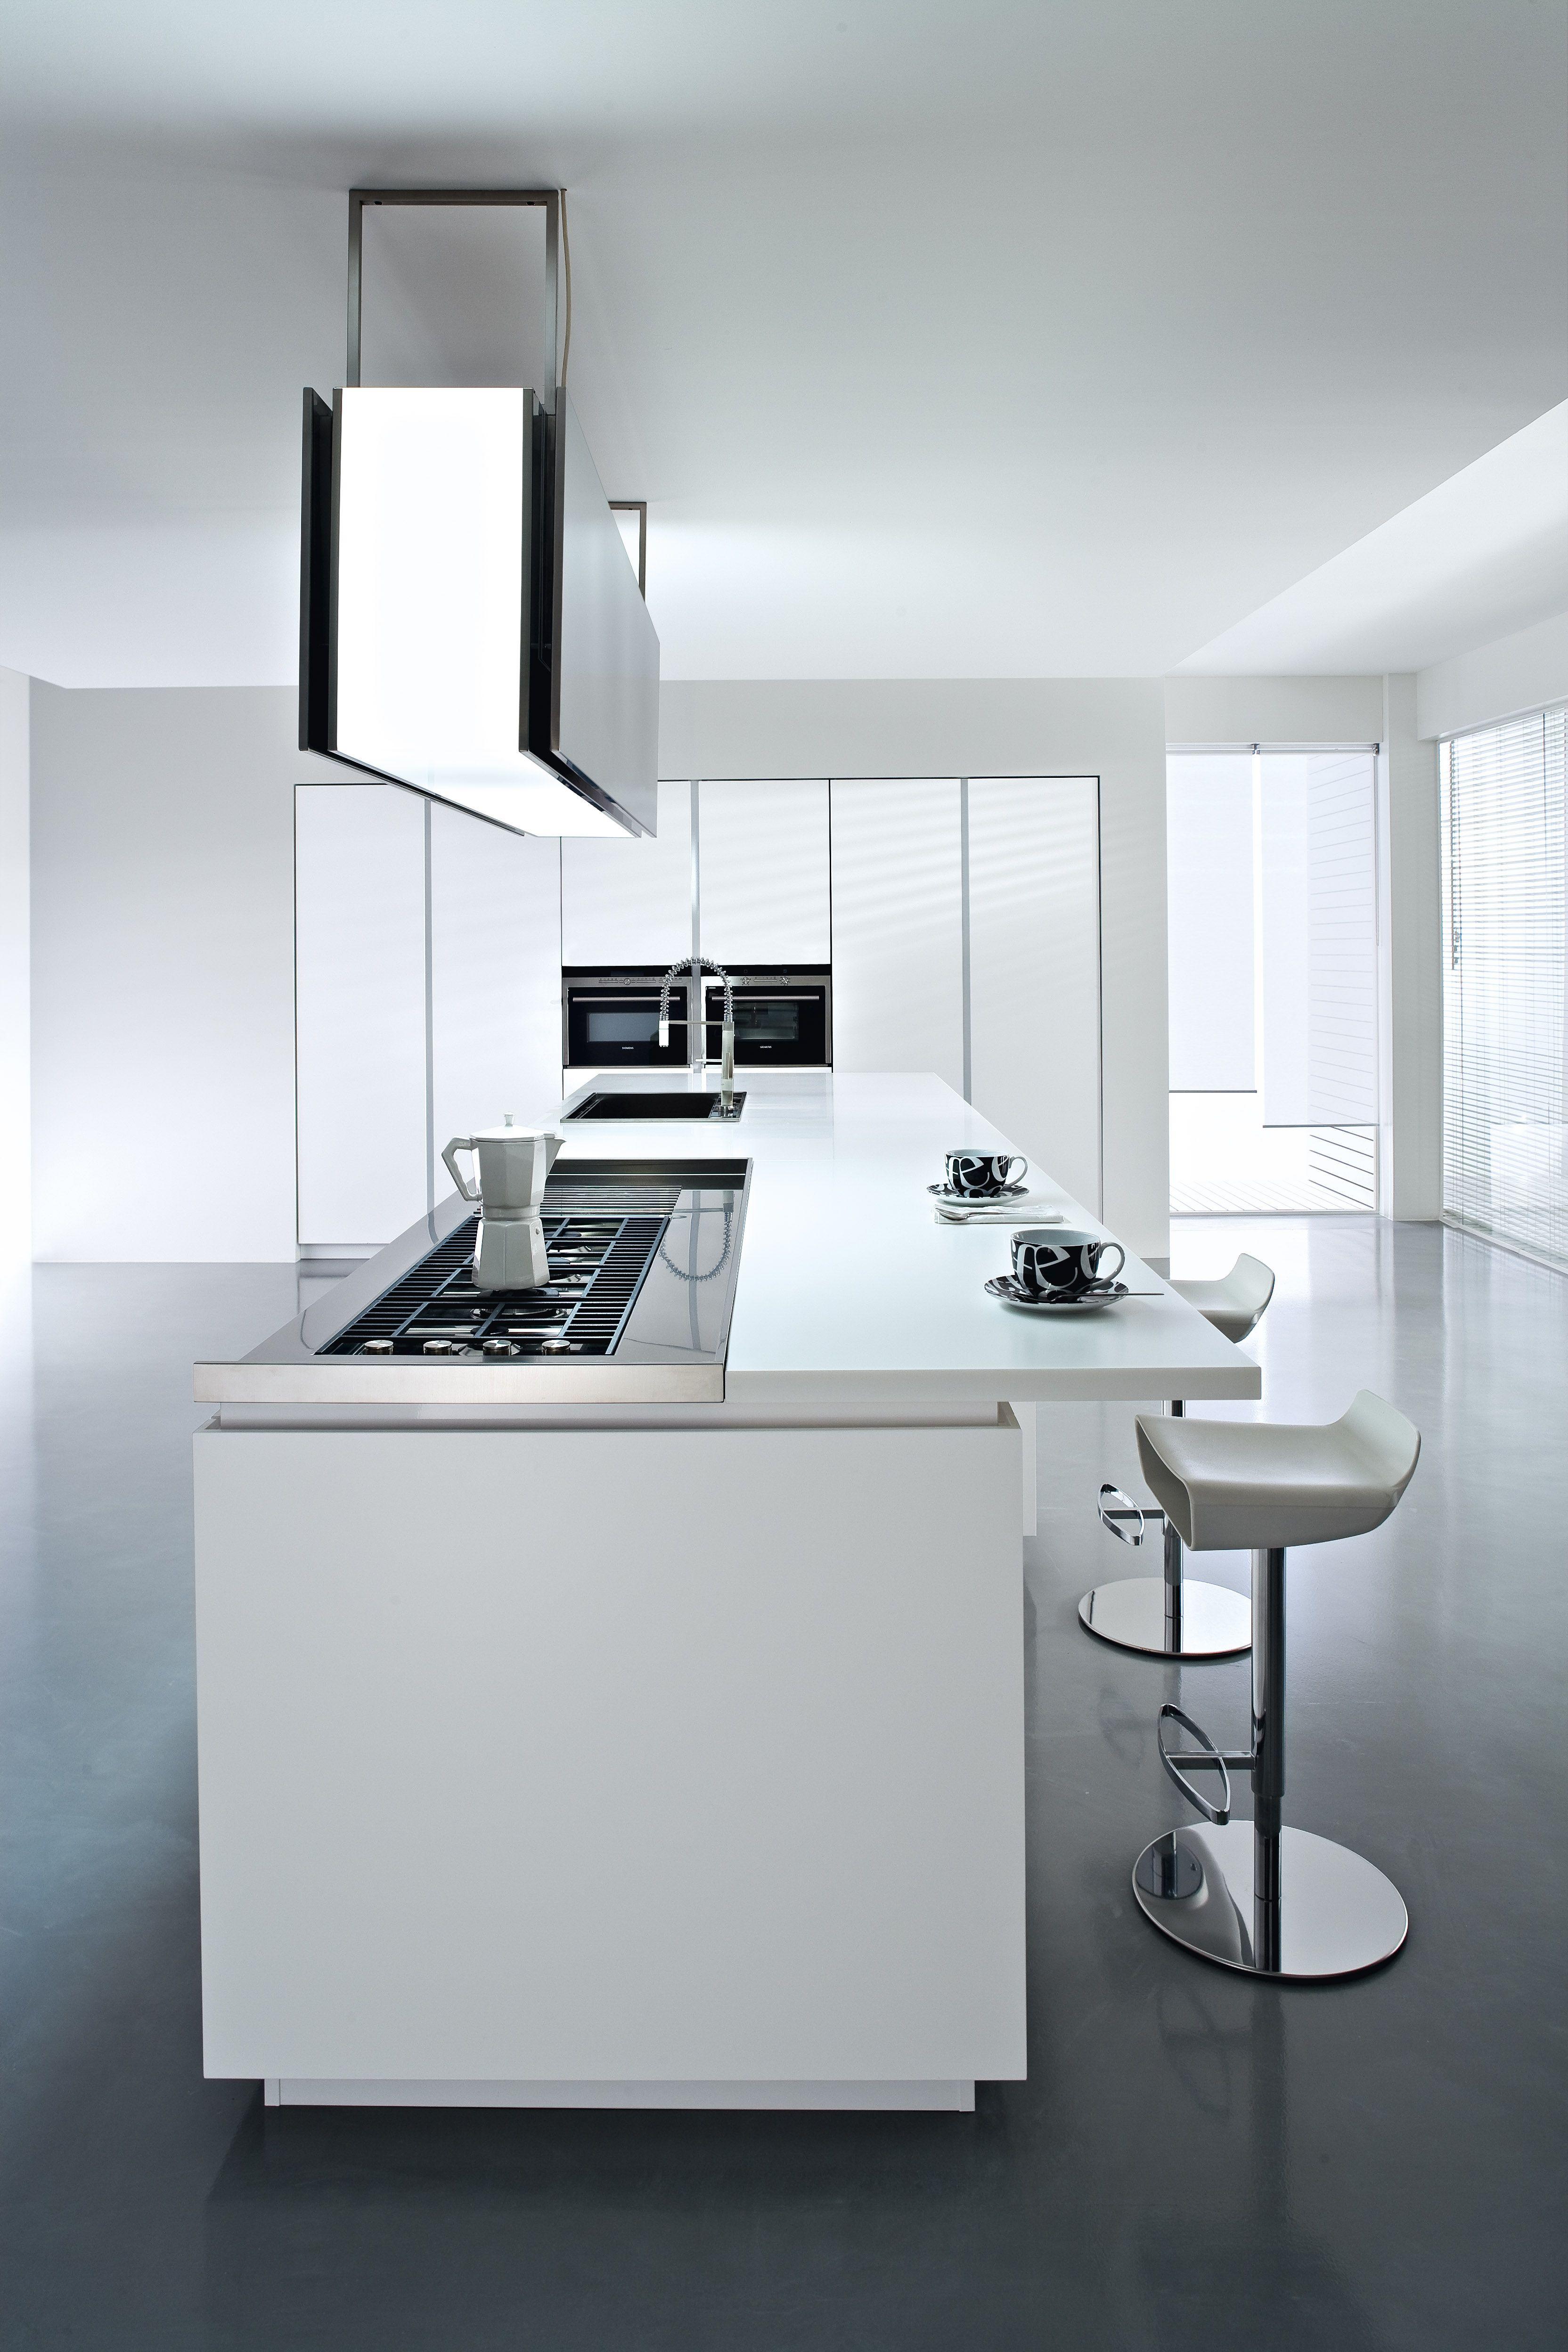 Dune 2015 Kitchen Design Nyc  Kitchen Design  Modern Kitchens Extraordinary Modern Kitchen Cabinets Nyc Inspiration